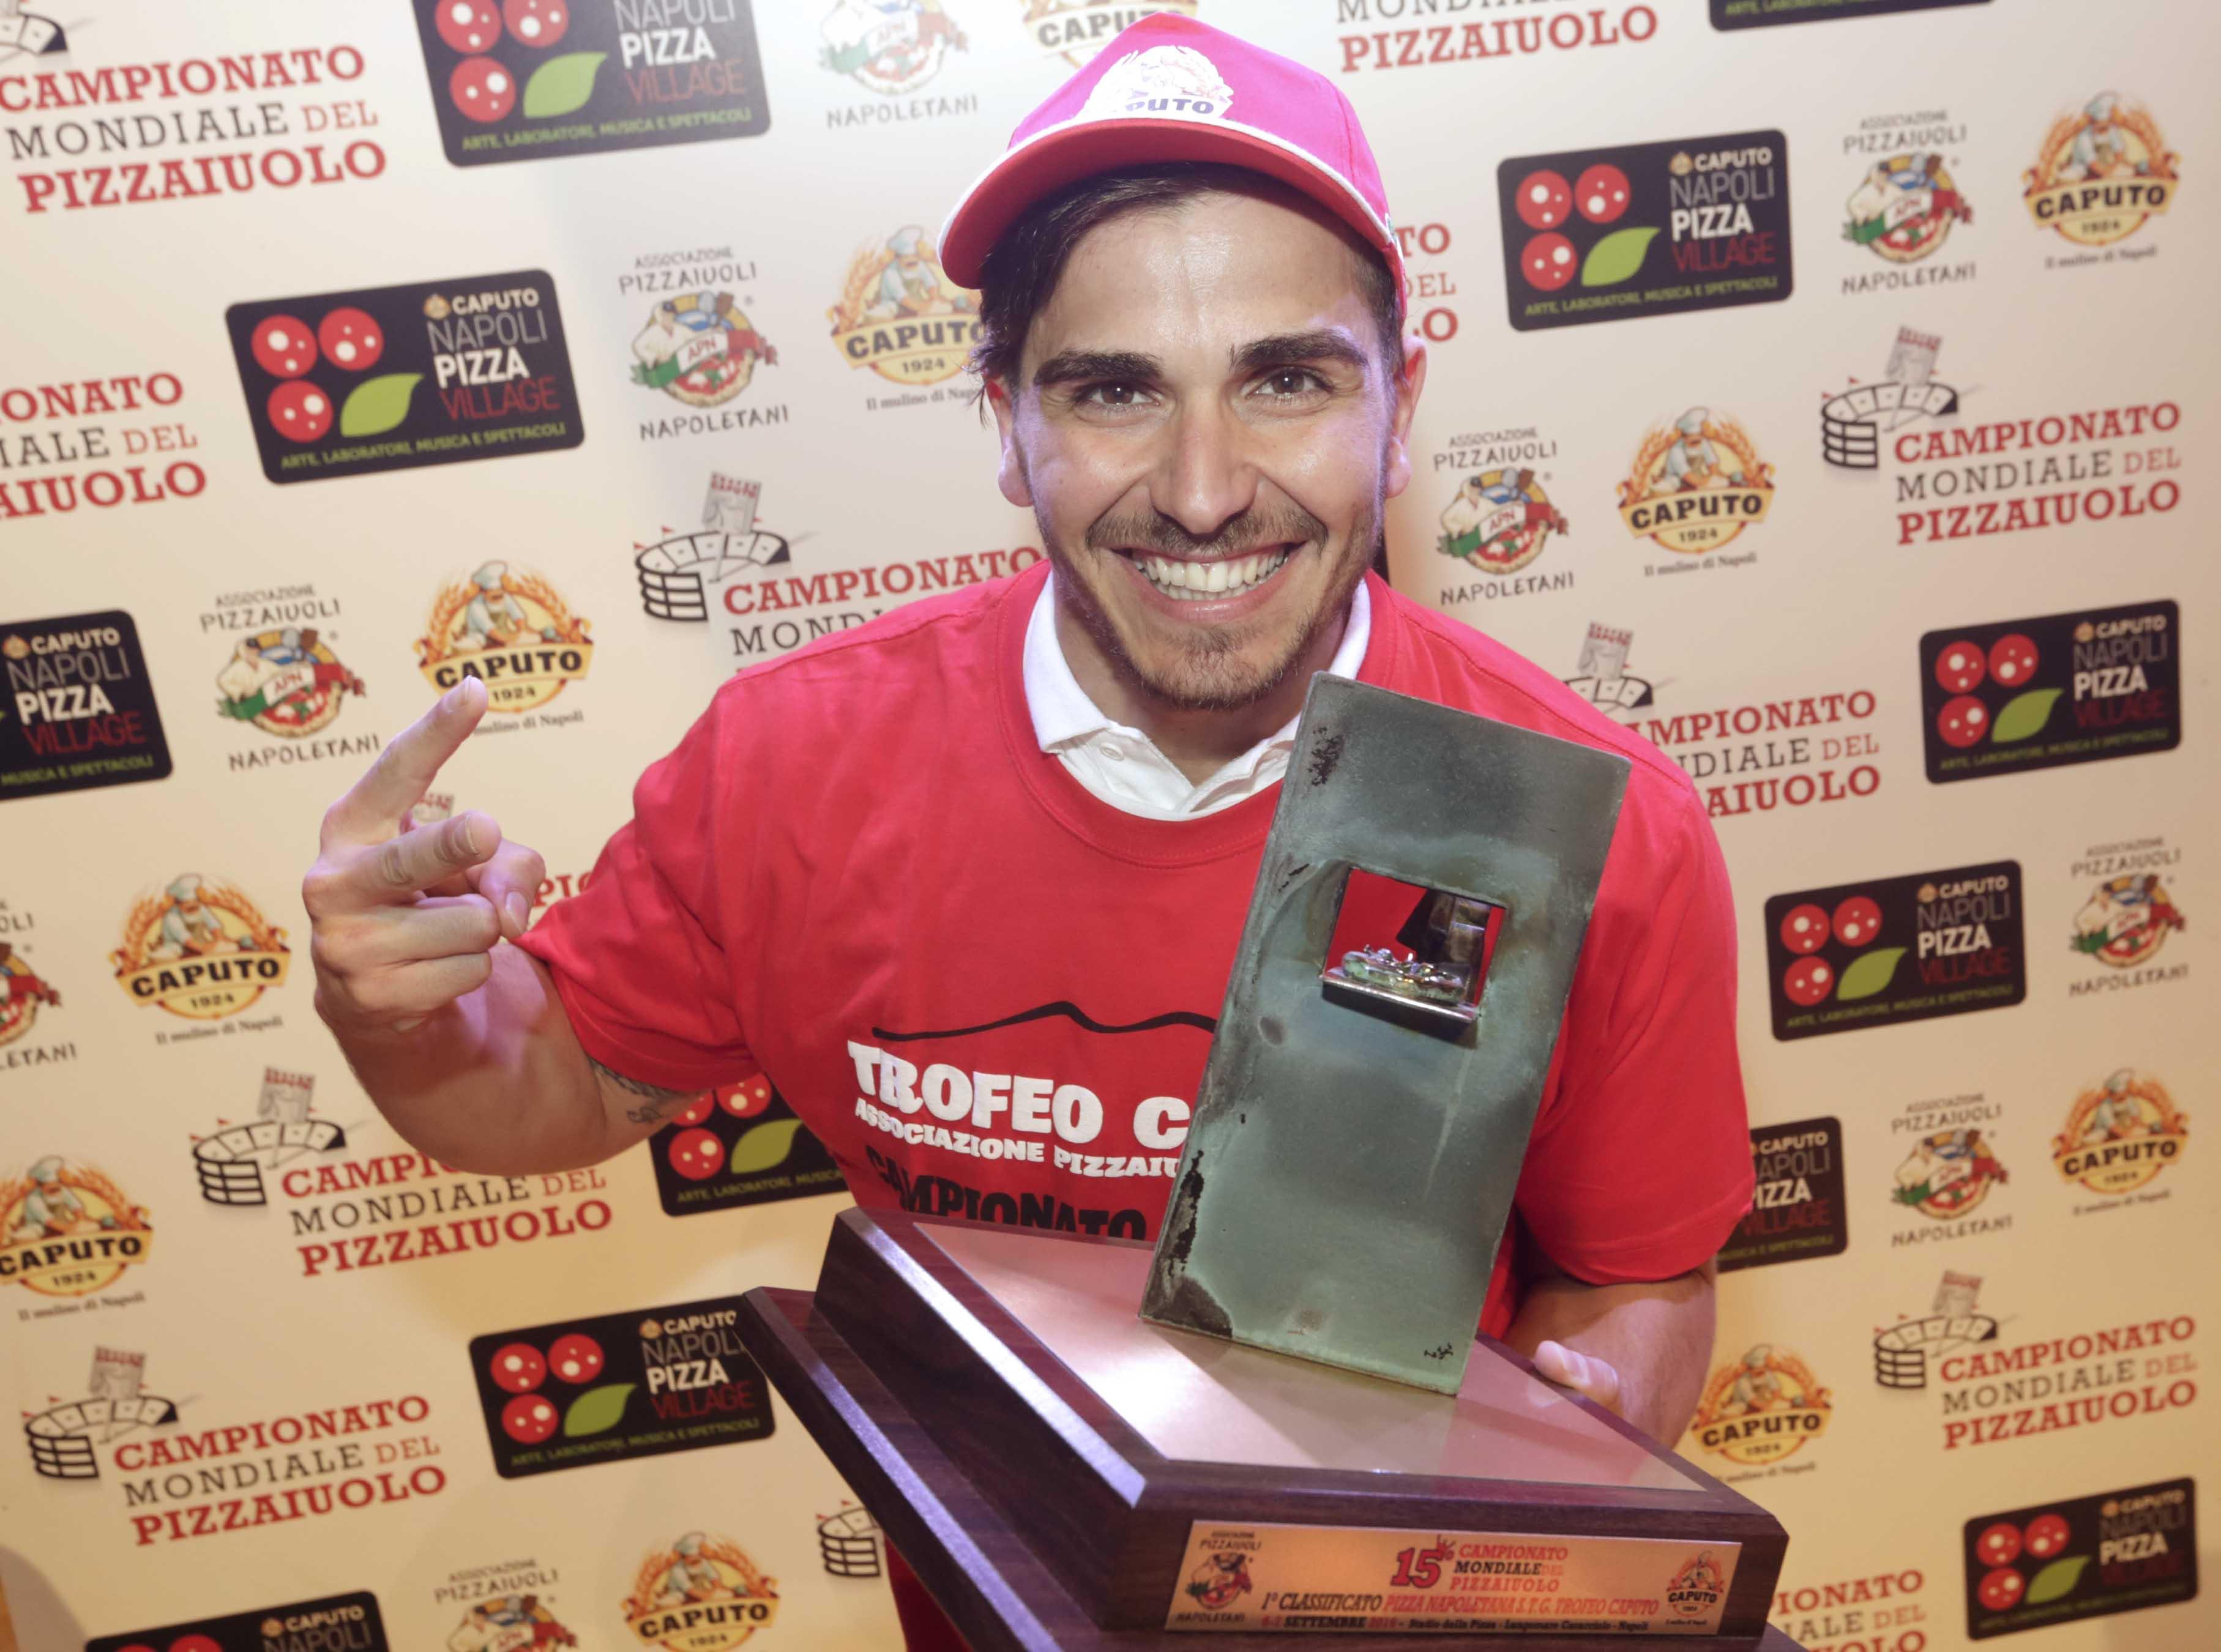 Trofeo Caputo – Vola in Australia il titolo di Campione del Mondo dei Pizzaiuoli